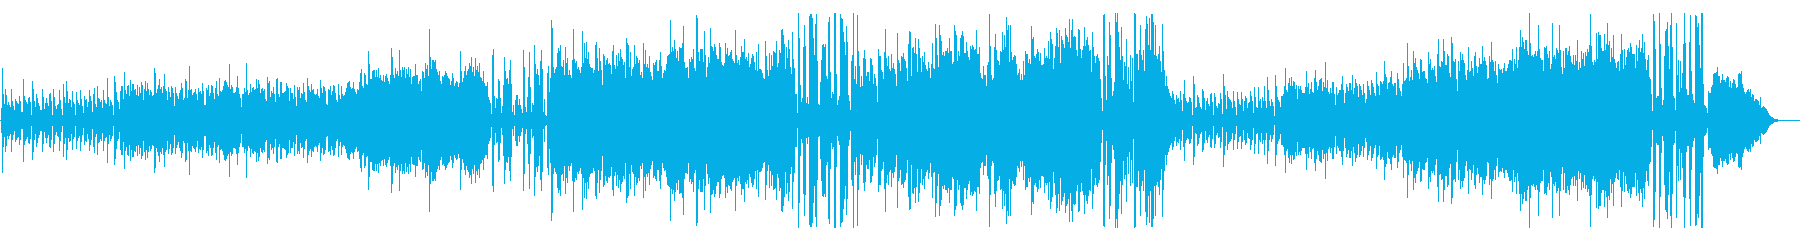 上品なストリングスが奏でる優雅なボサノバの再生済みの波形